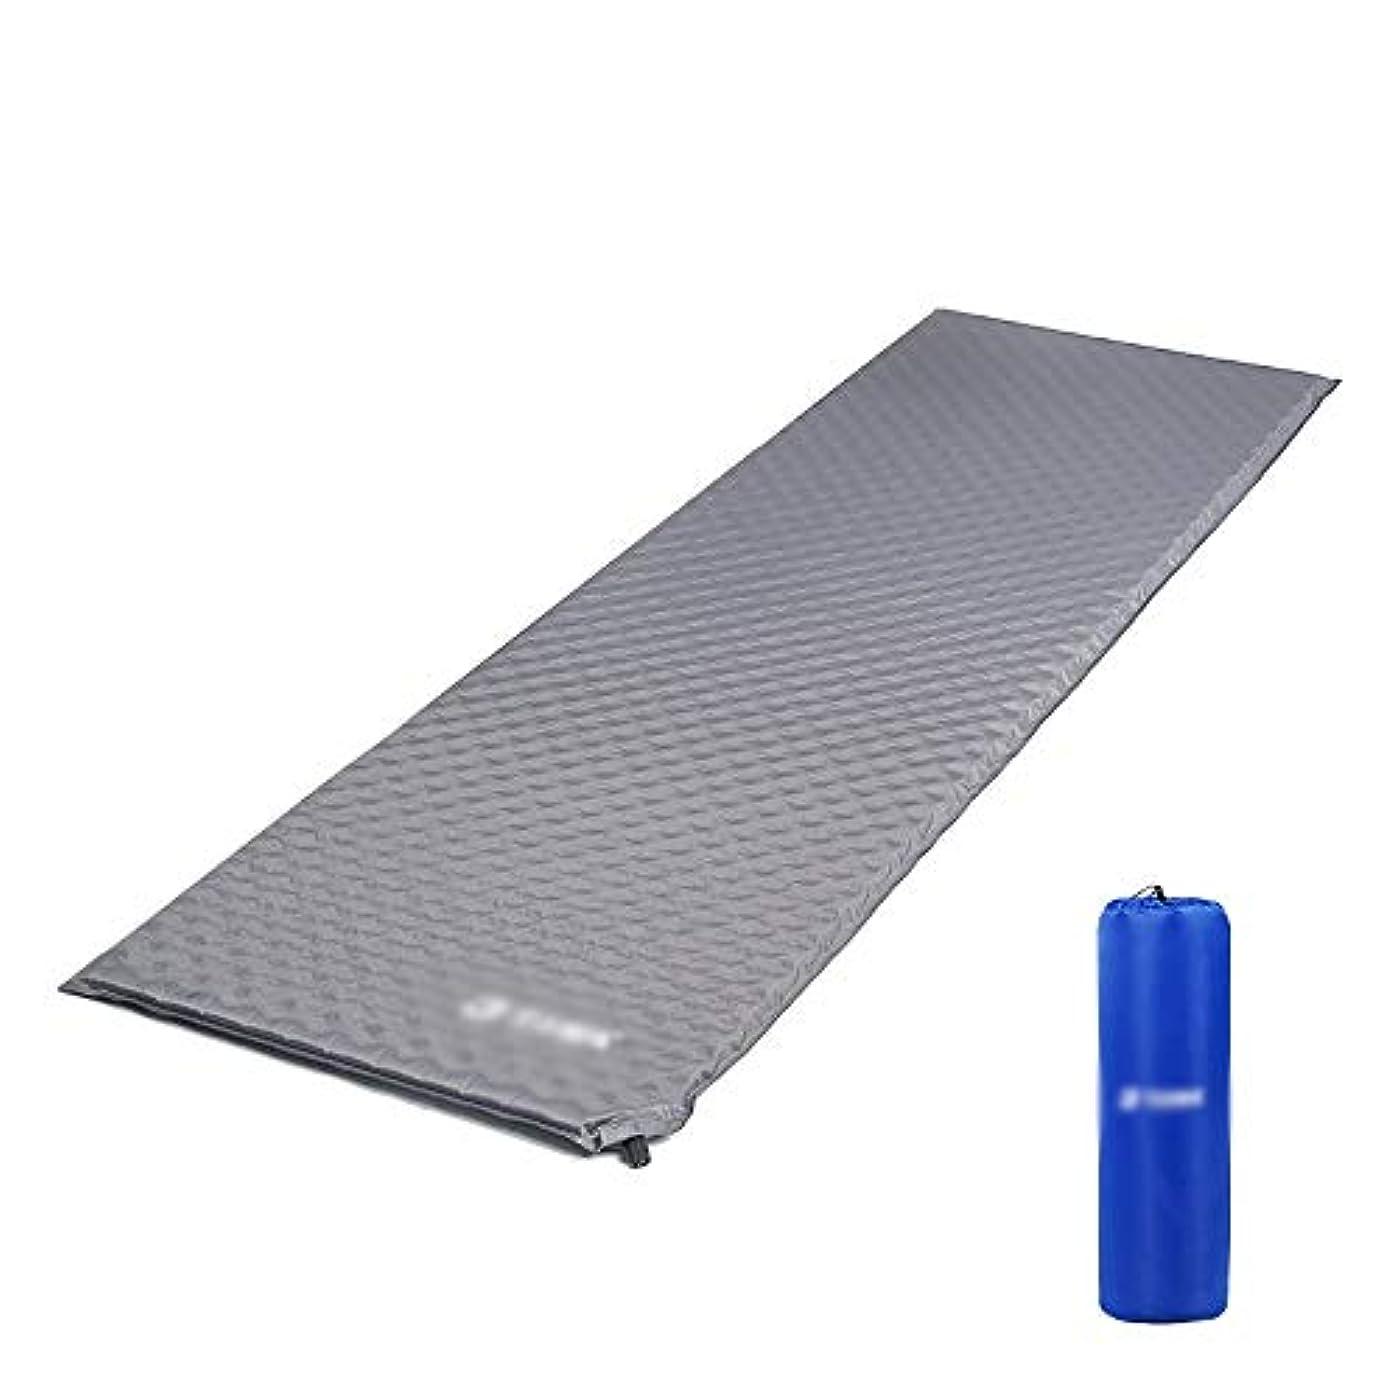 悔い改め拍手文化屋外キャンプ自動インフレータブルクッション快適な光インフレータブルテントパッドシングル折りたたみ防水スリーピングフォームマット190×60×2.7センチ (Color : Gray)